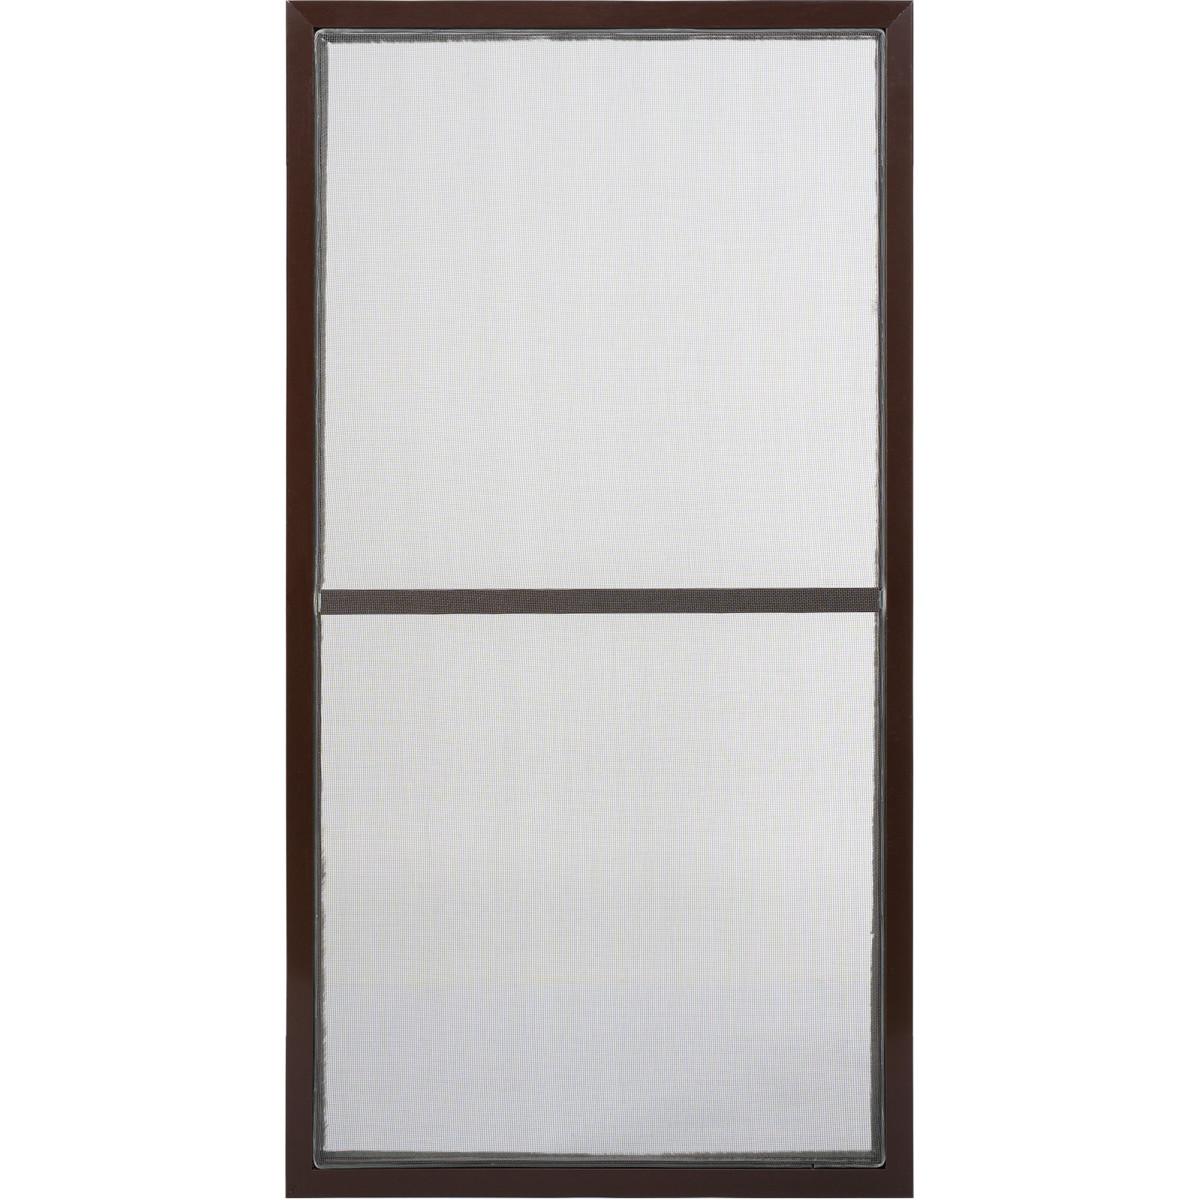 Москитная створка к окну 140х120 см коричневый